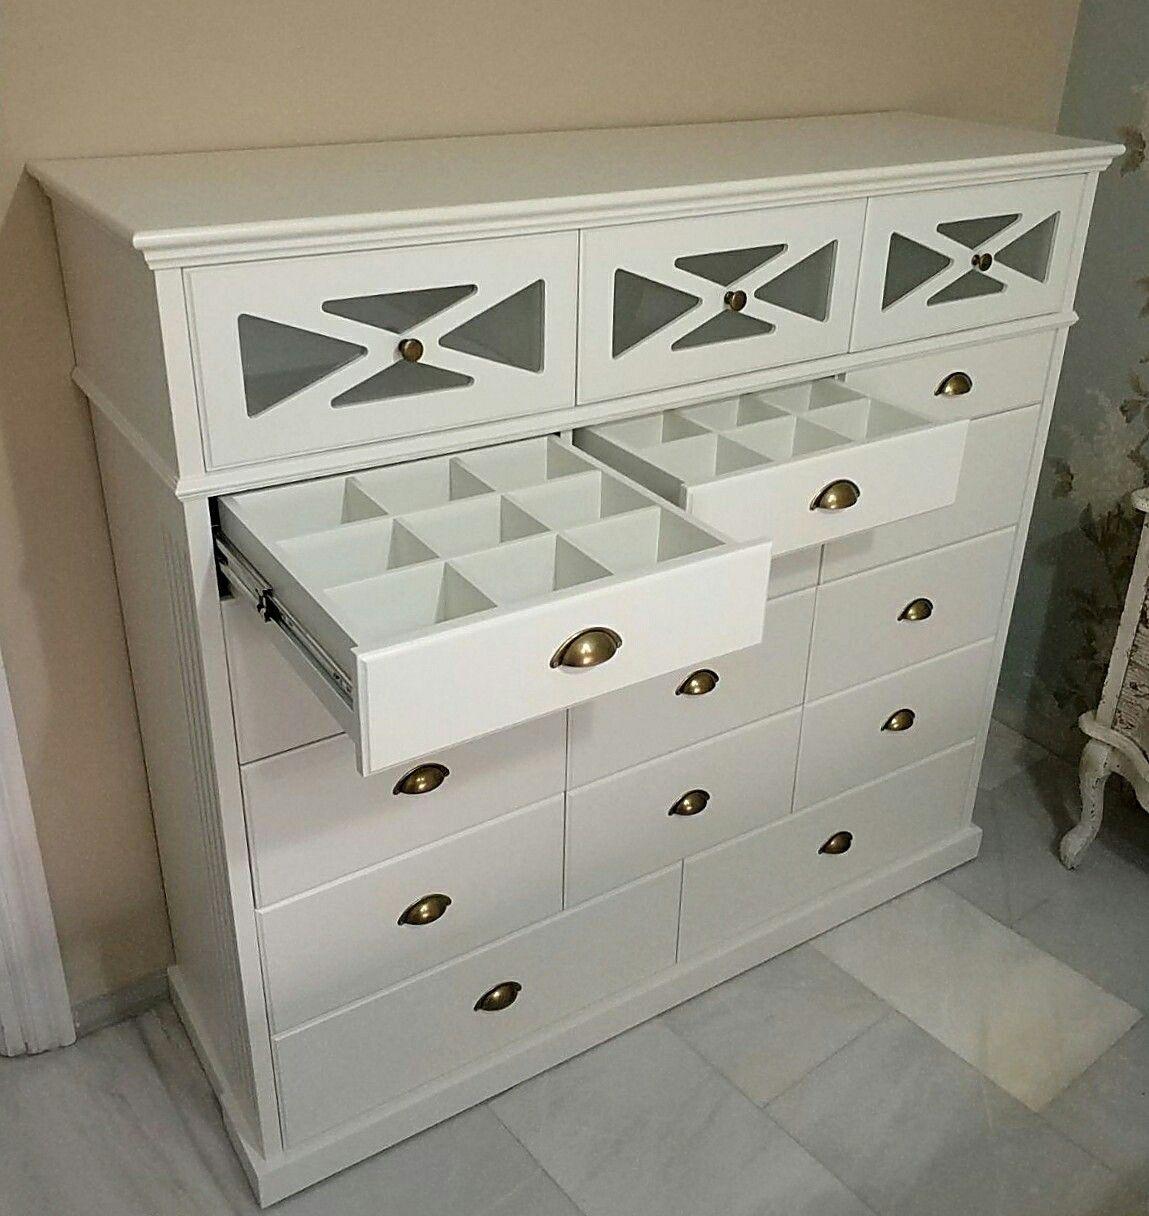 Comoda hecha a medida lacada en blanco roto muebles iroko te hacemos los muebles a tu gusto - Comodas a medida ...